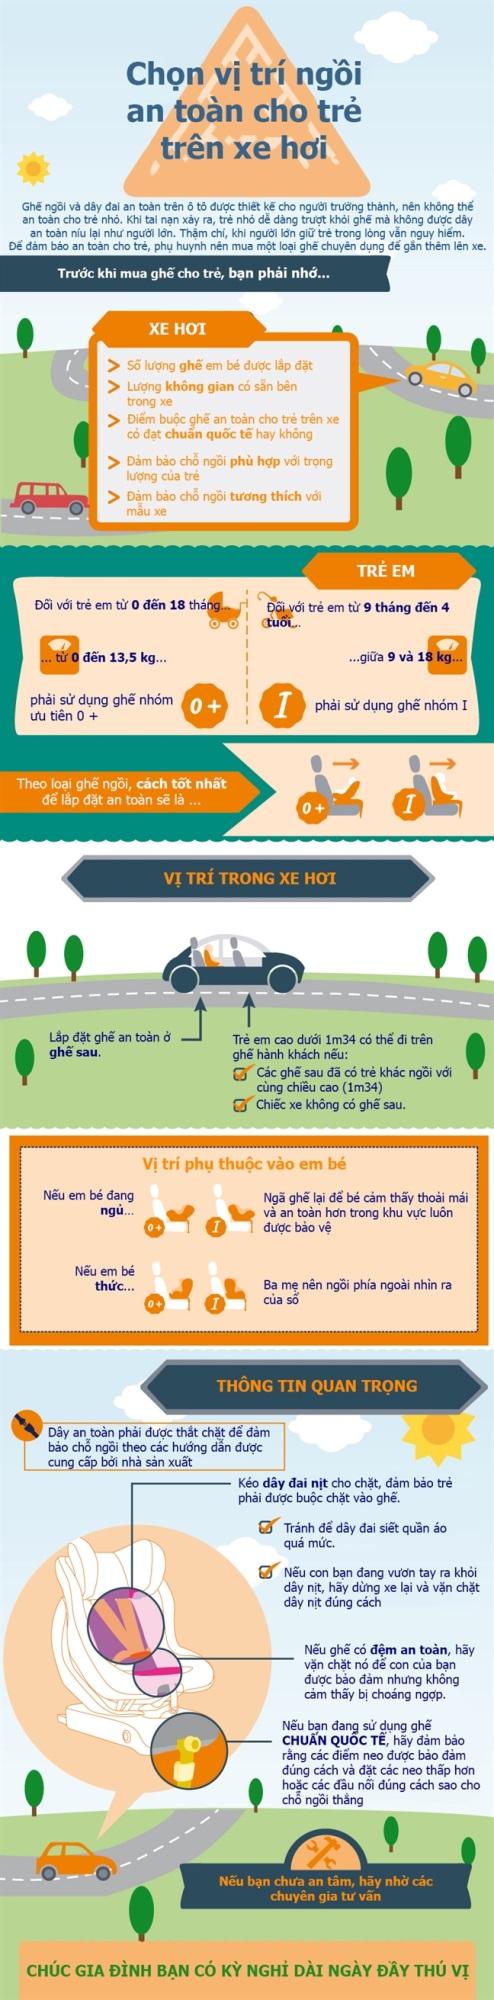 Cách chọn vị trí ngồi an toàn cho trẻ trên xe hơi - Ảnh 1